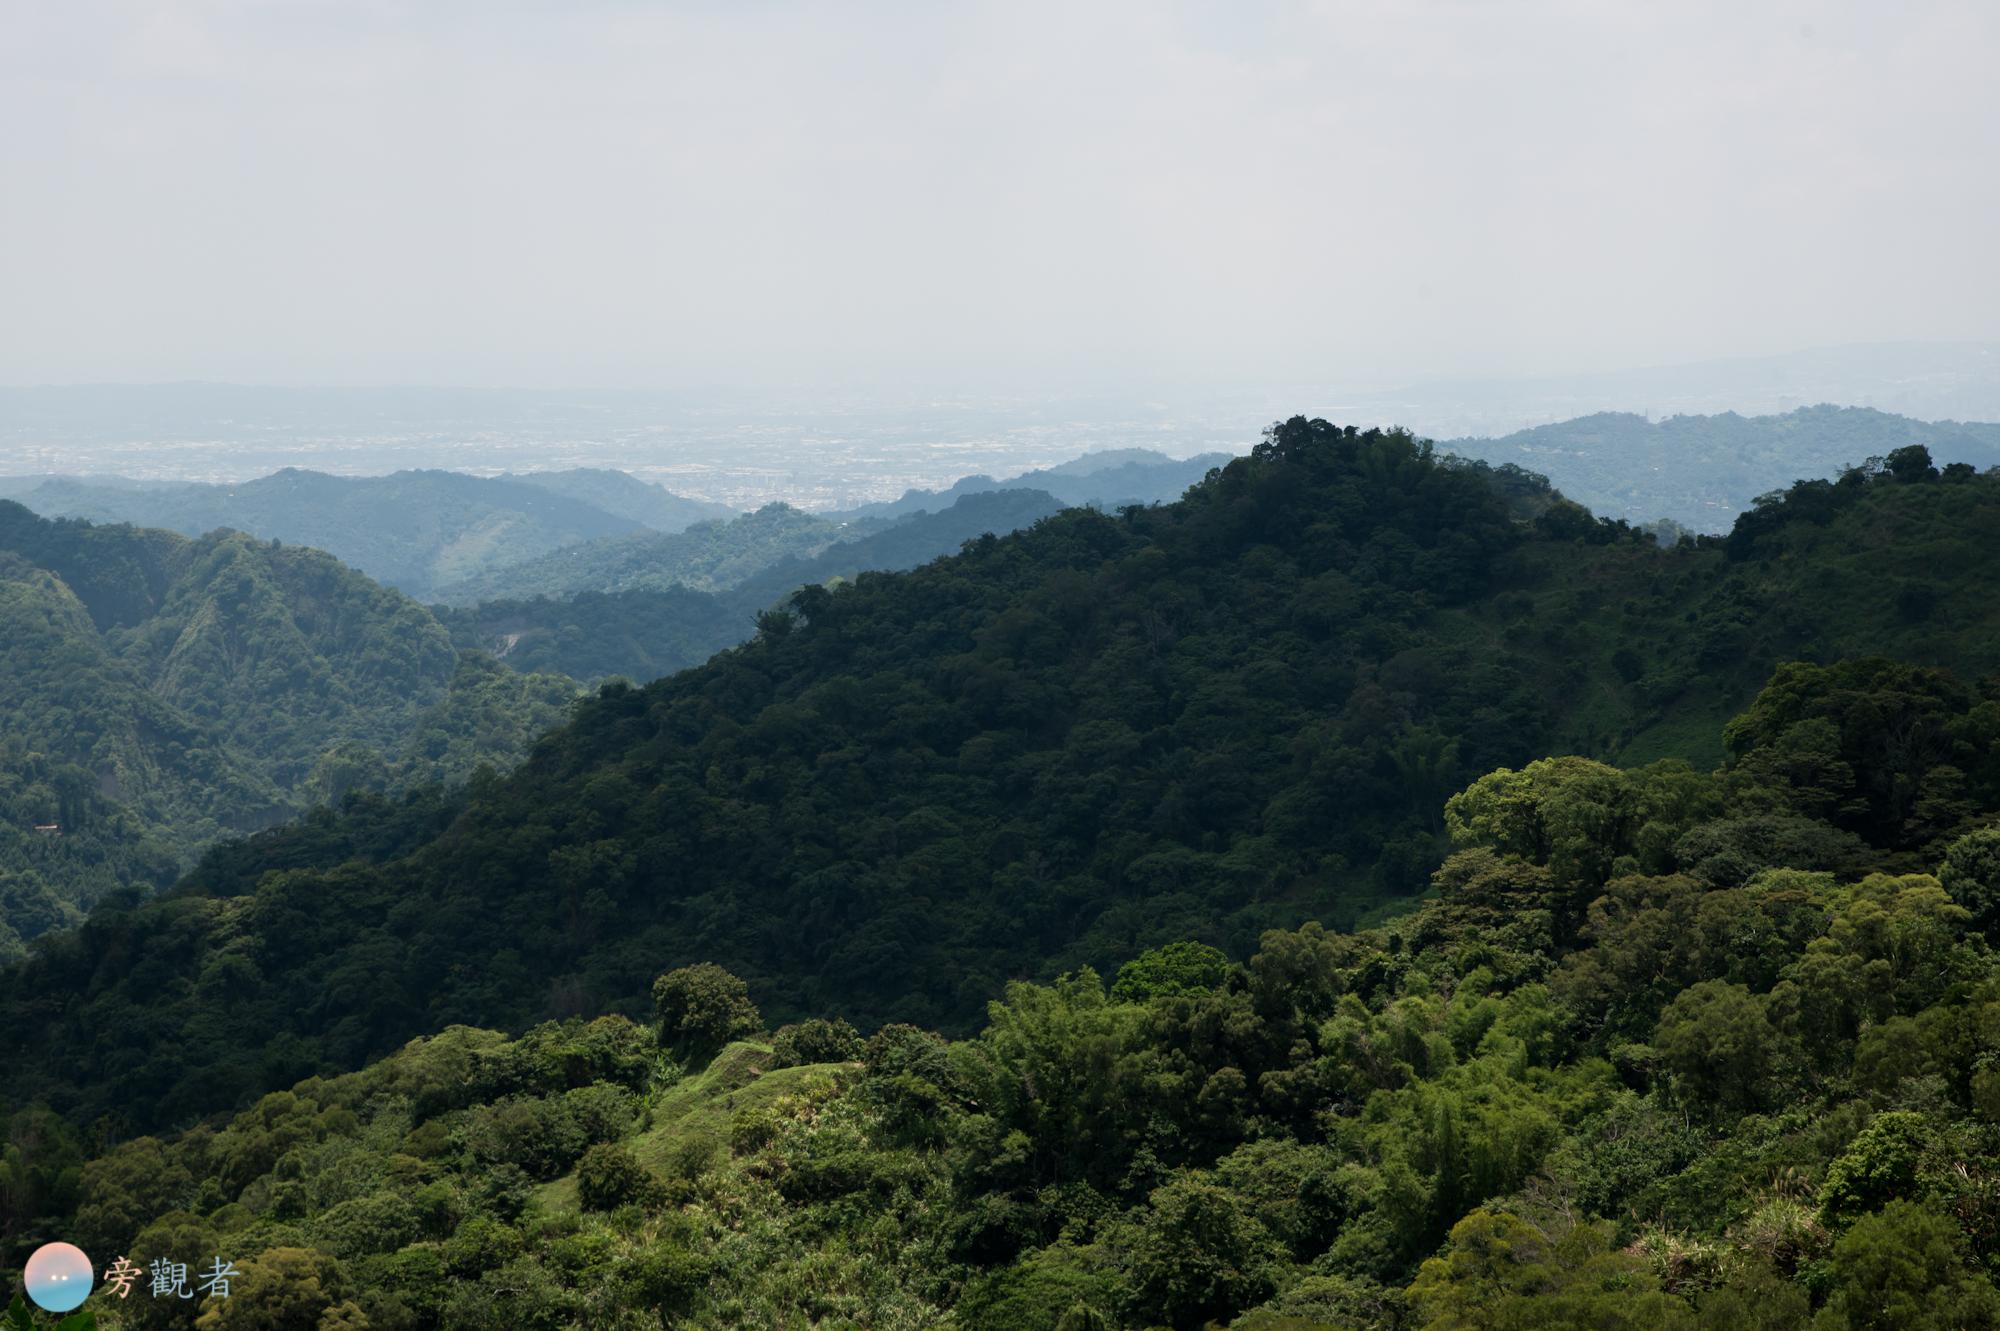 在熱門的單車爬坡景點「136縣道赤崁頂」瞭望山群與煙霧壟罩的都市。台中太平